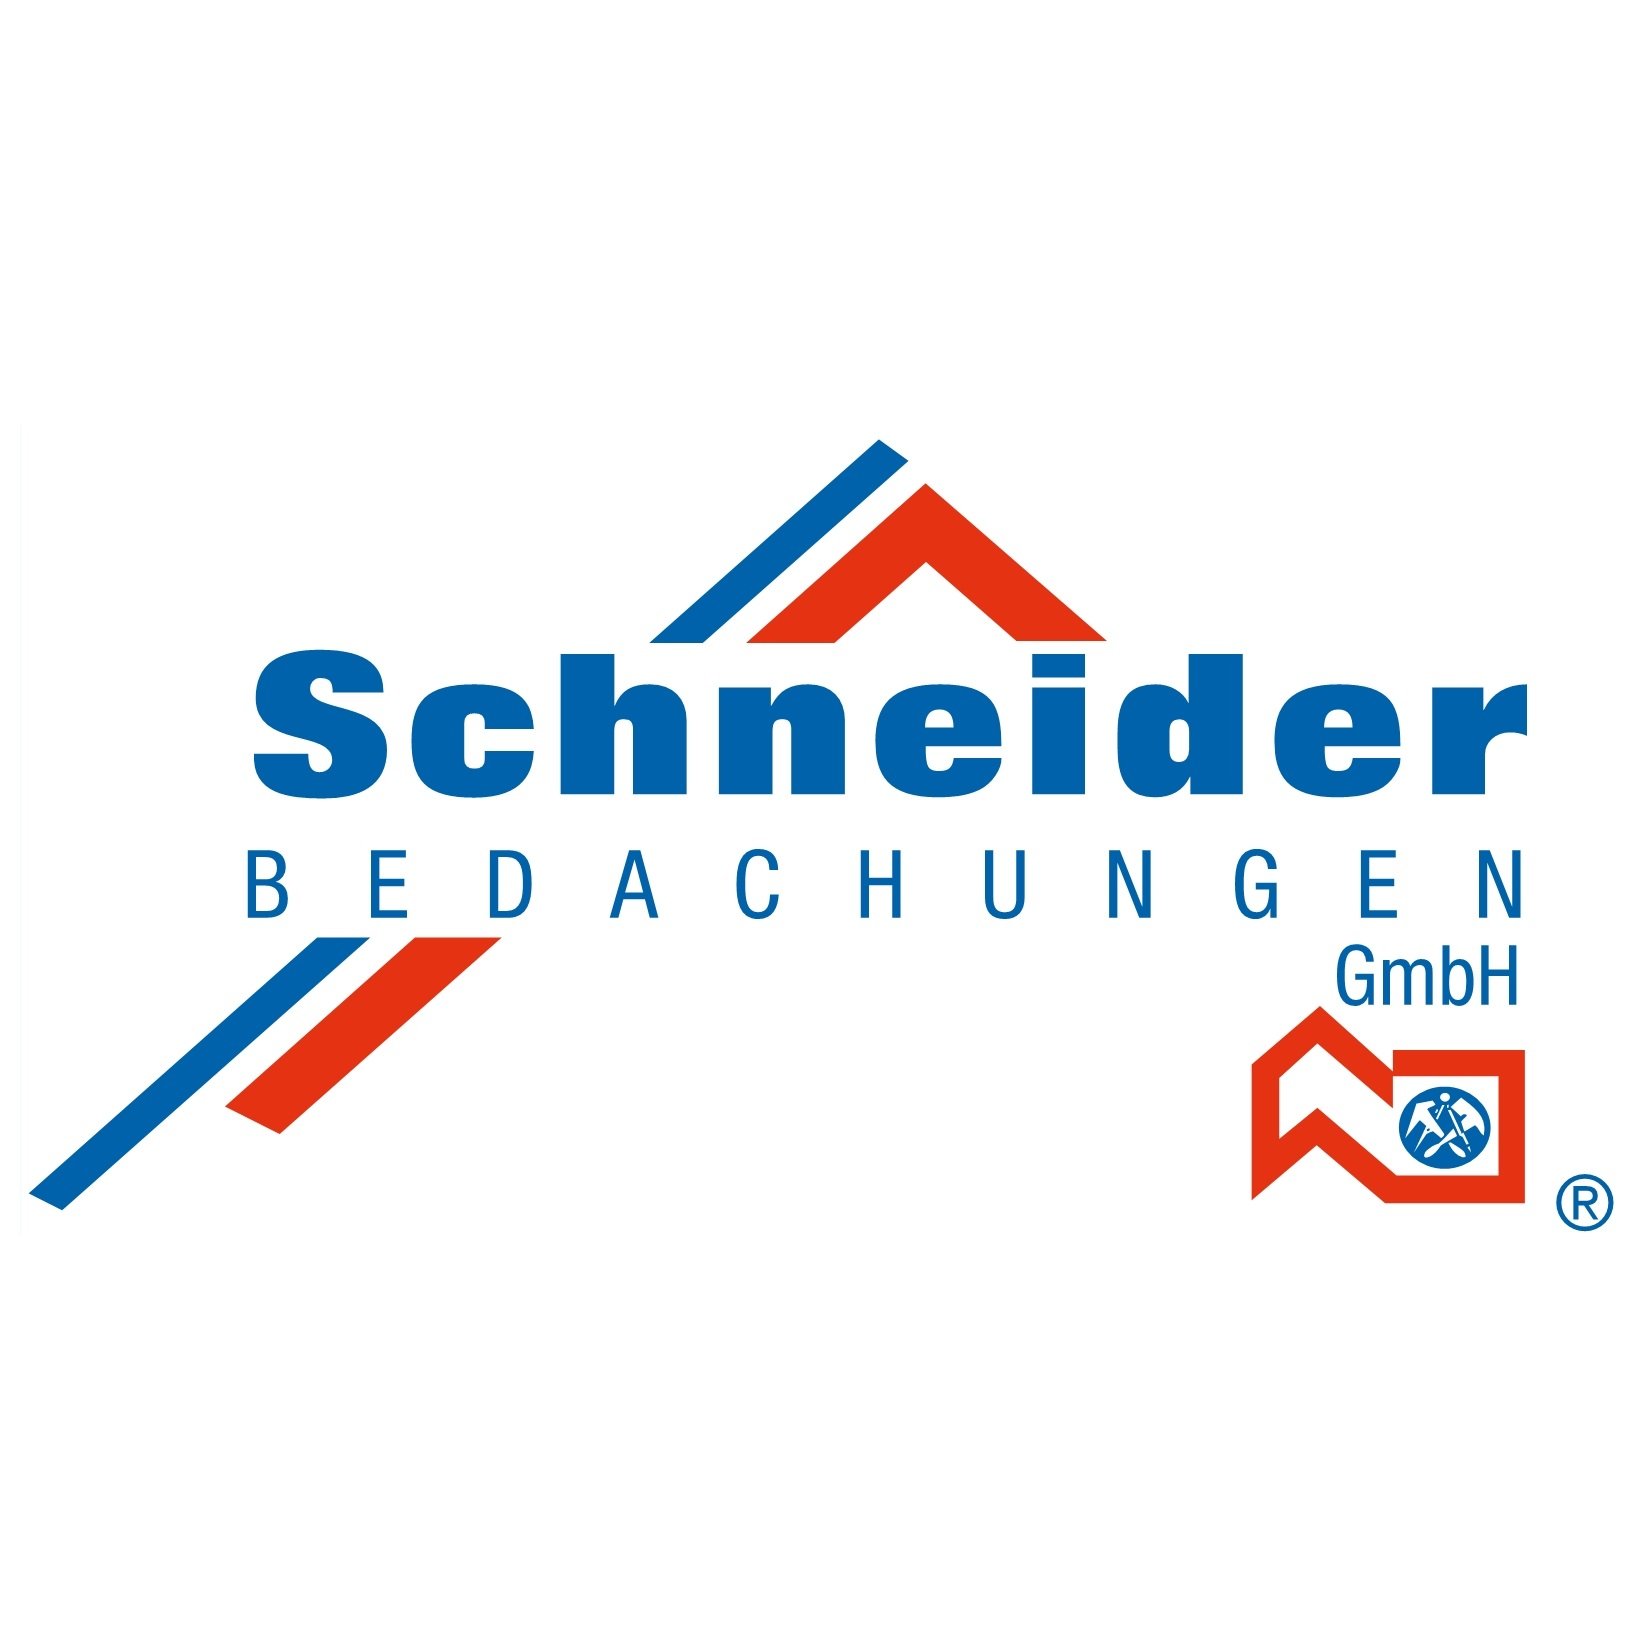 Schneider Bedachungen GmbH